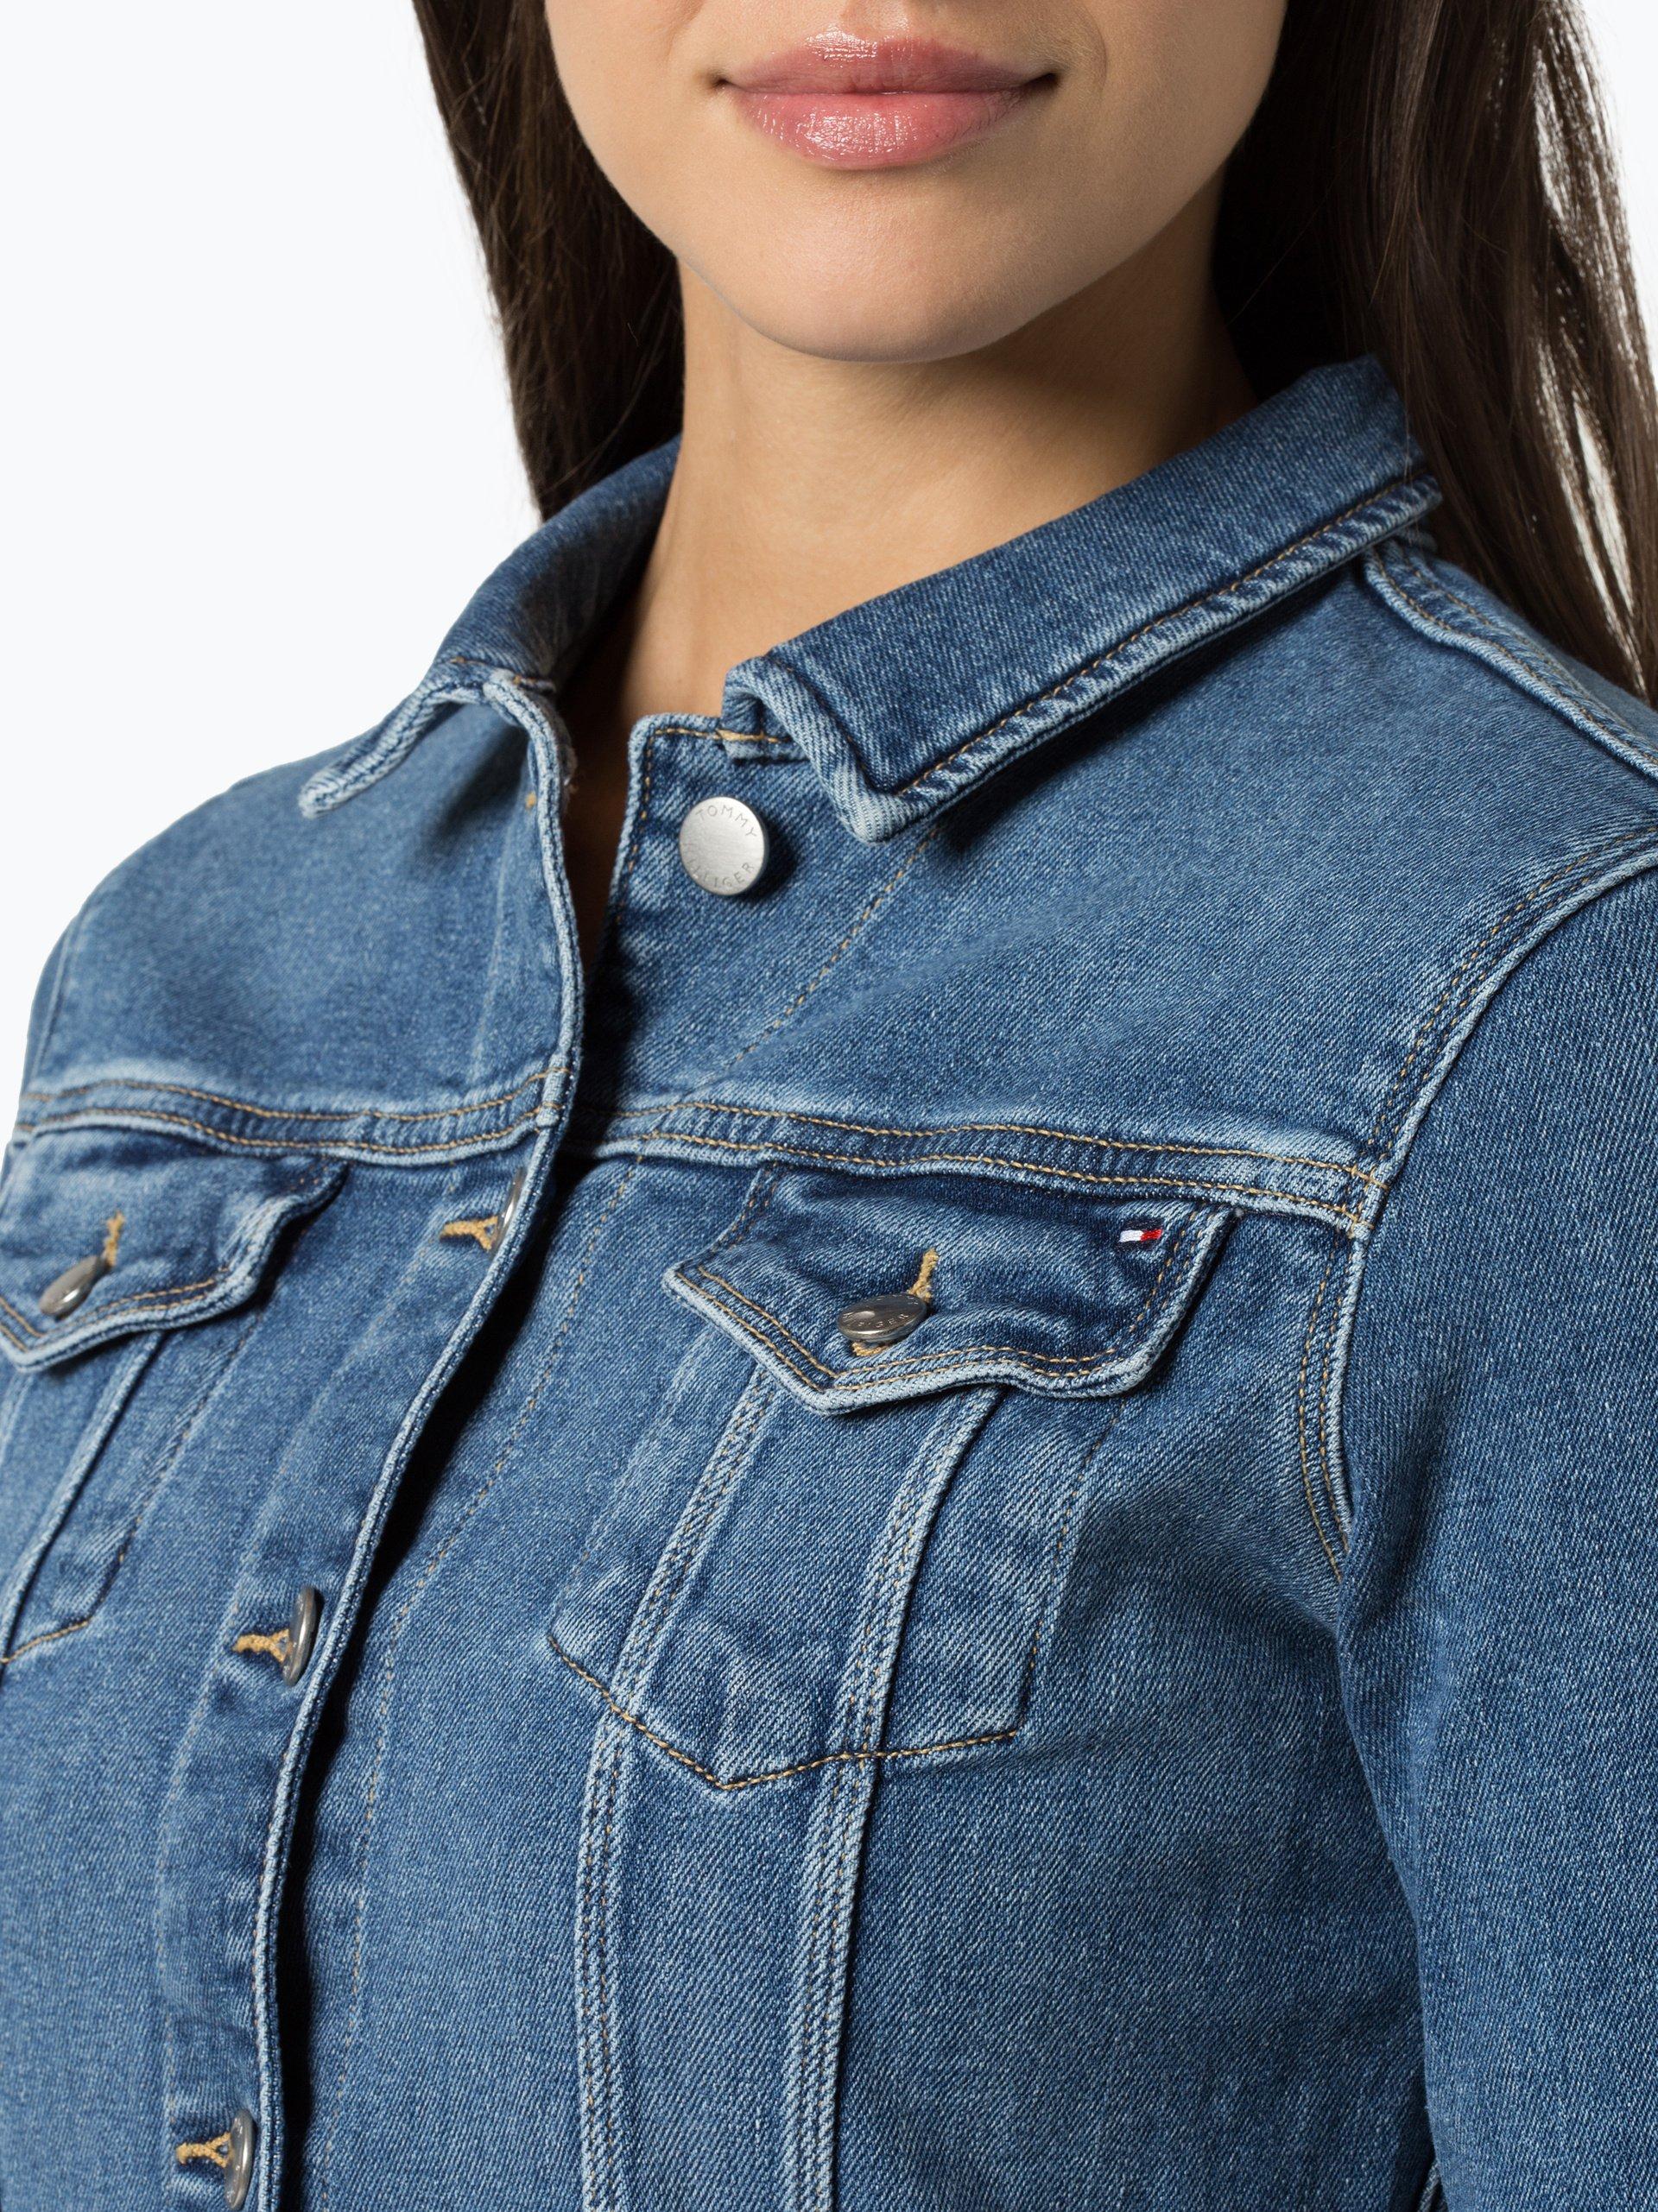 636c1899a83a8 Tommy Hilfiger Damska kurtka jeansowa – Vienna Juliette kup online ...